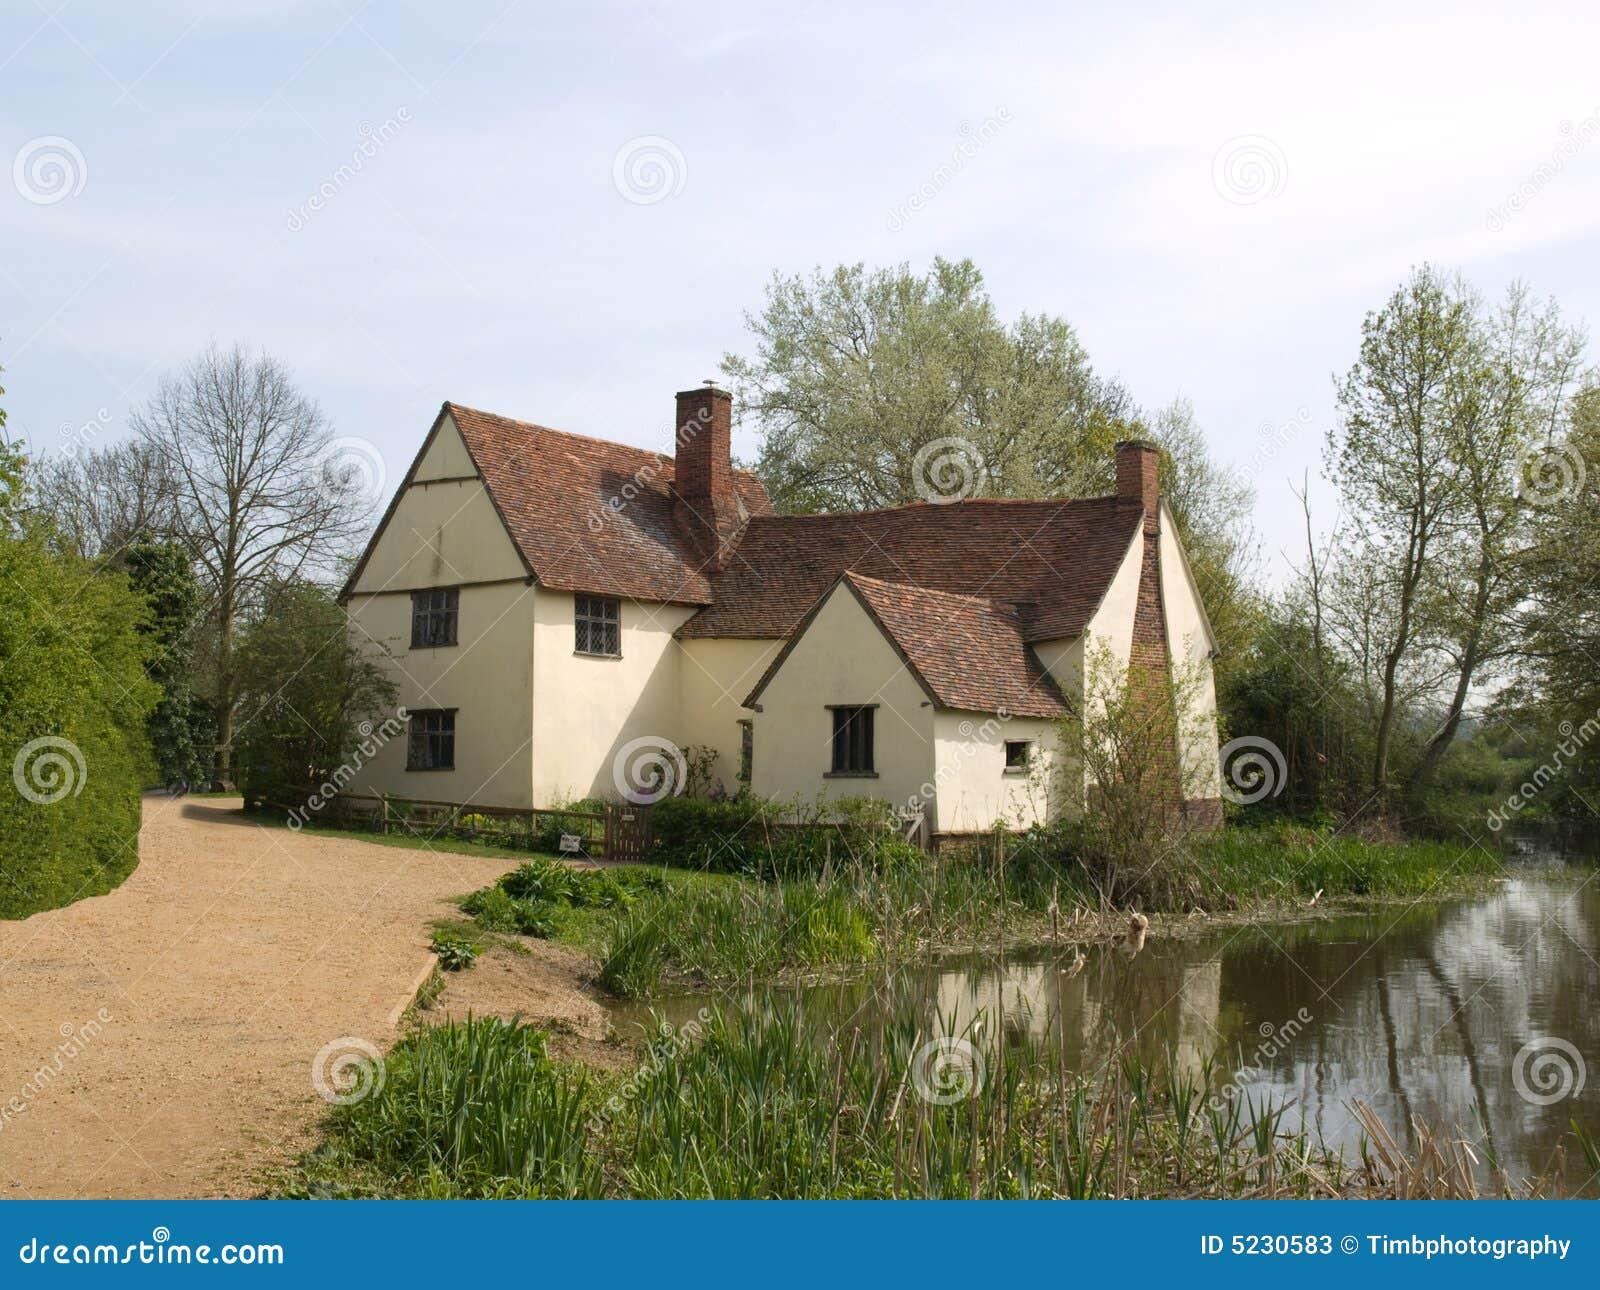 Casa di campagna inglese fotografie stock immagine 5230583 for Cucina di campagna inglese